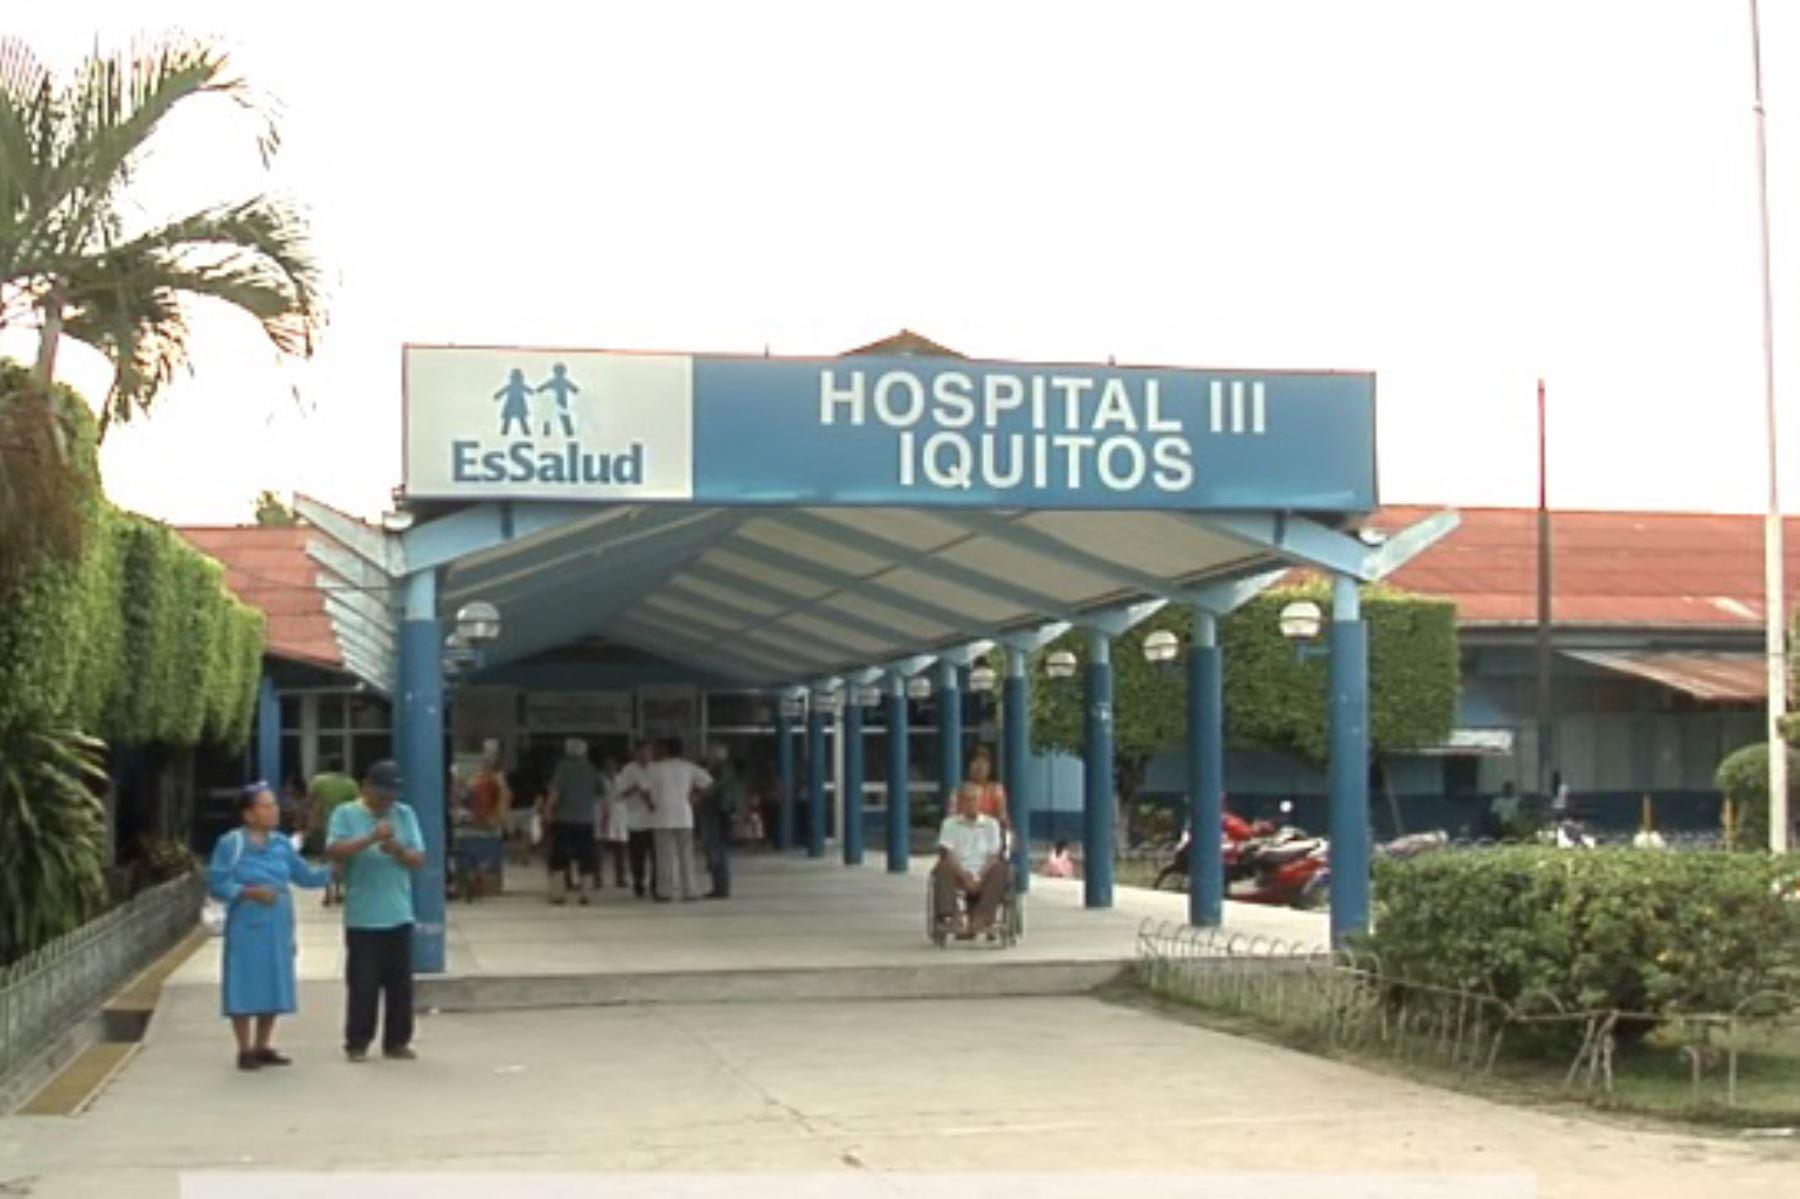 buena-noticia-essalud-instalara-en-el-hospital-iii-de-iquitos-nueva-planta-de-oxigeno